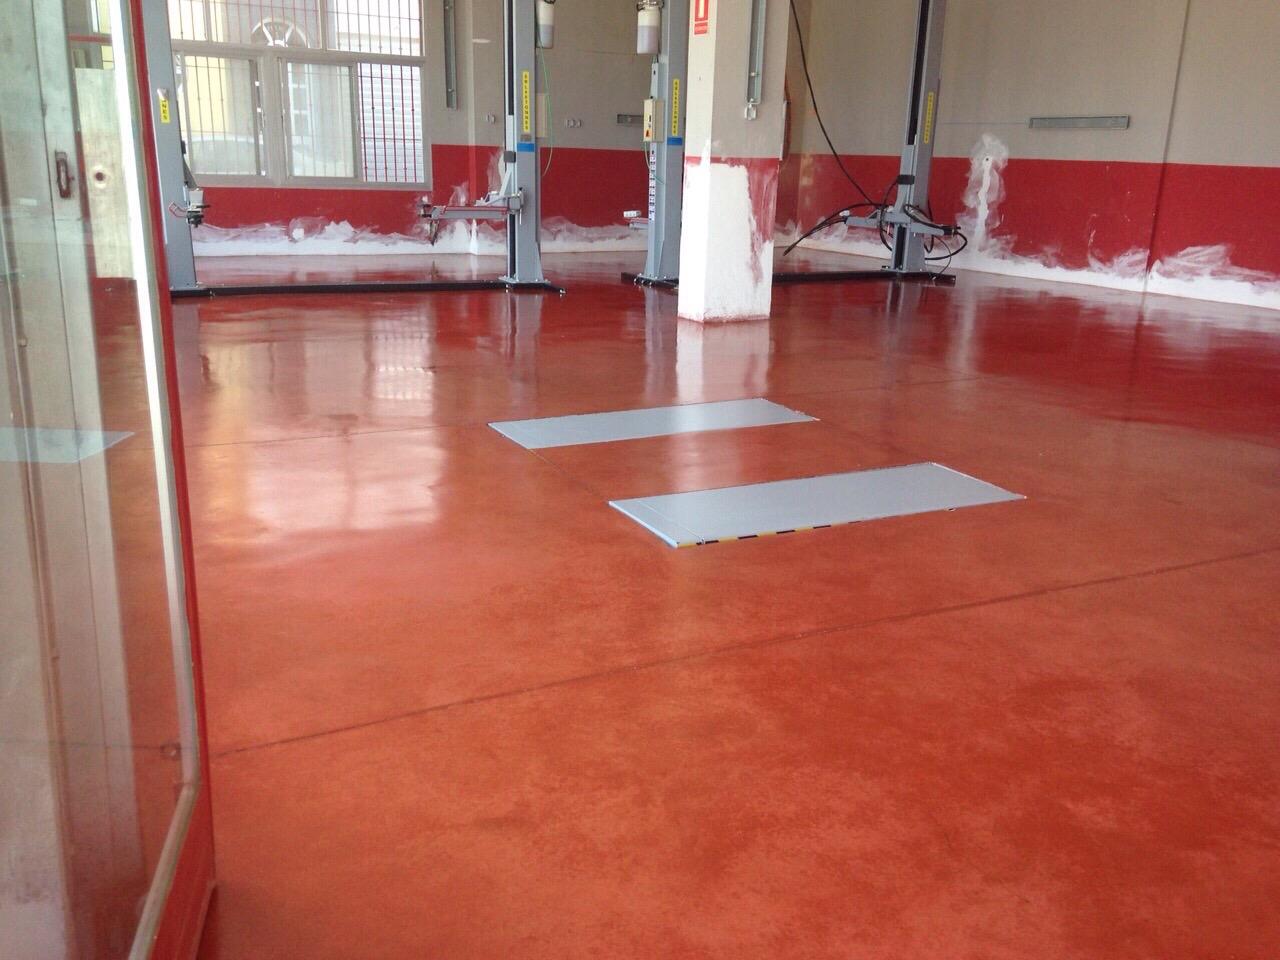 Pavimentos de hormigon fratasado pavimentos de hormigon - Pavimento impreso precio m2 ...